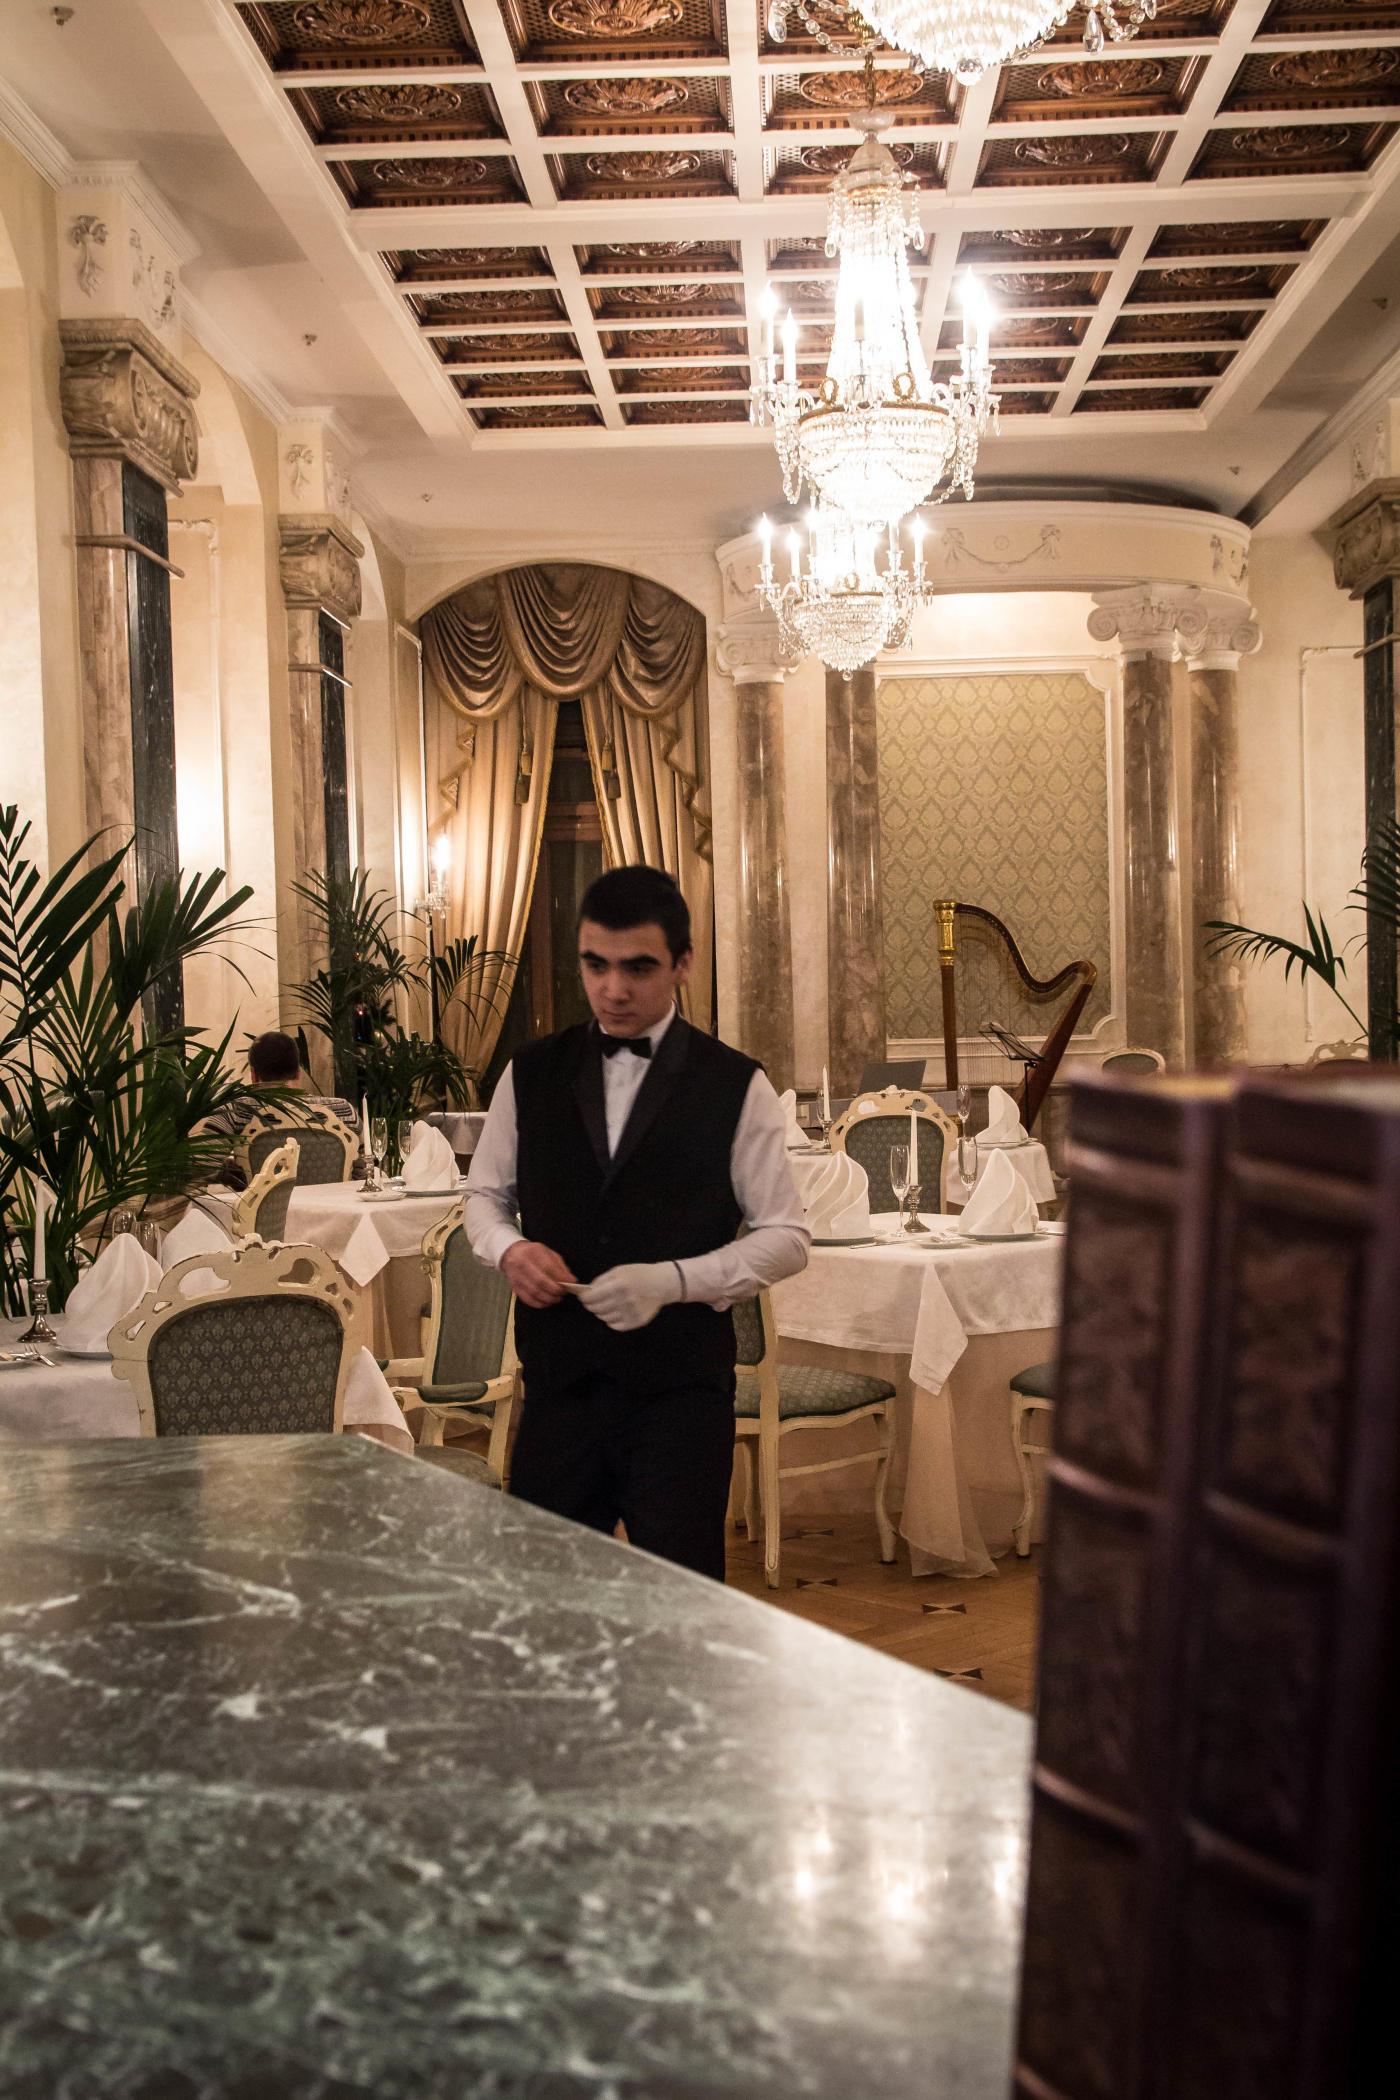 Ресторан Ривьера (Riviere) фото 43